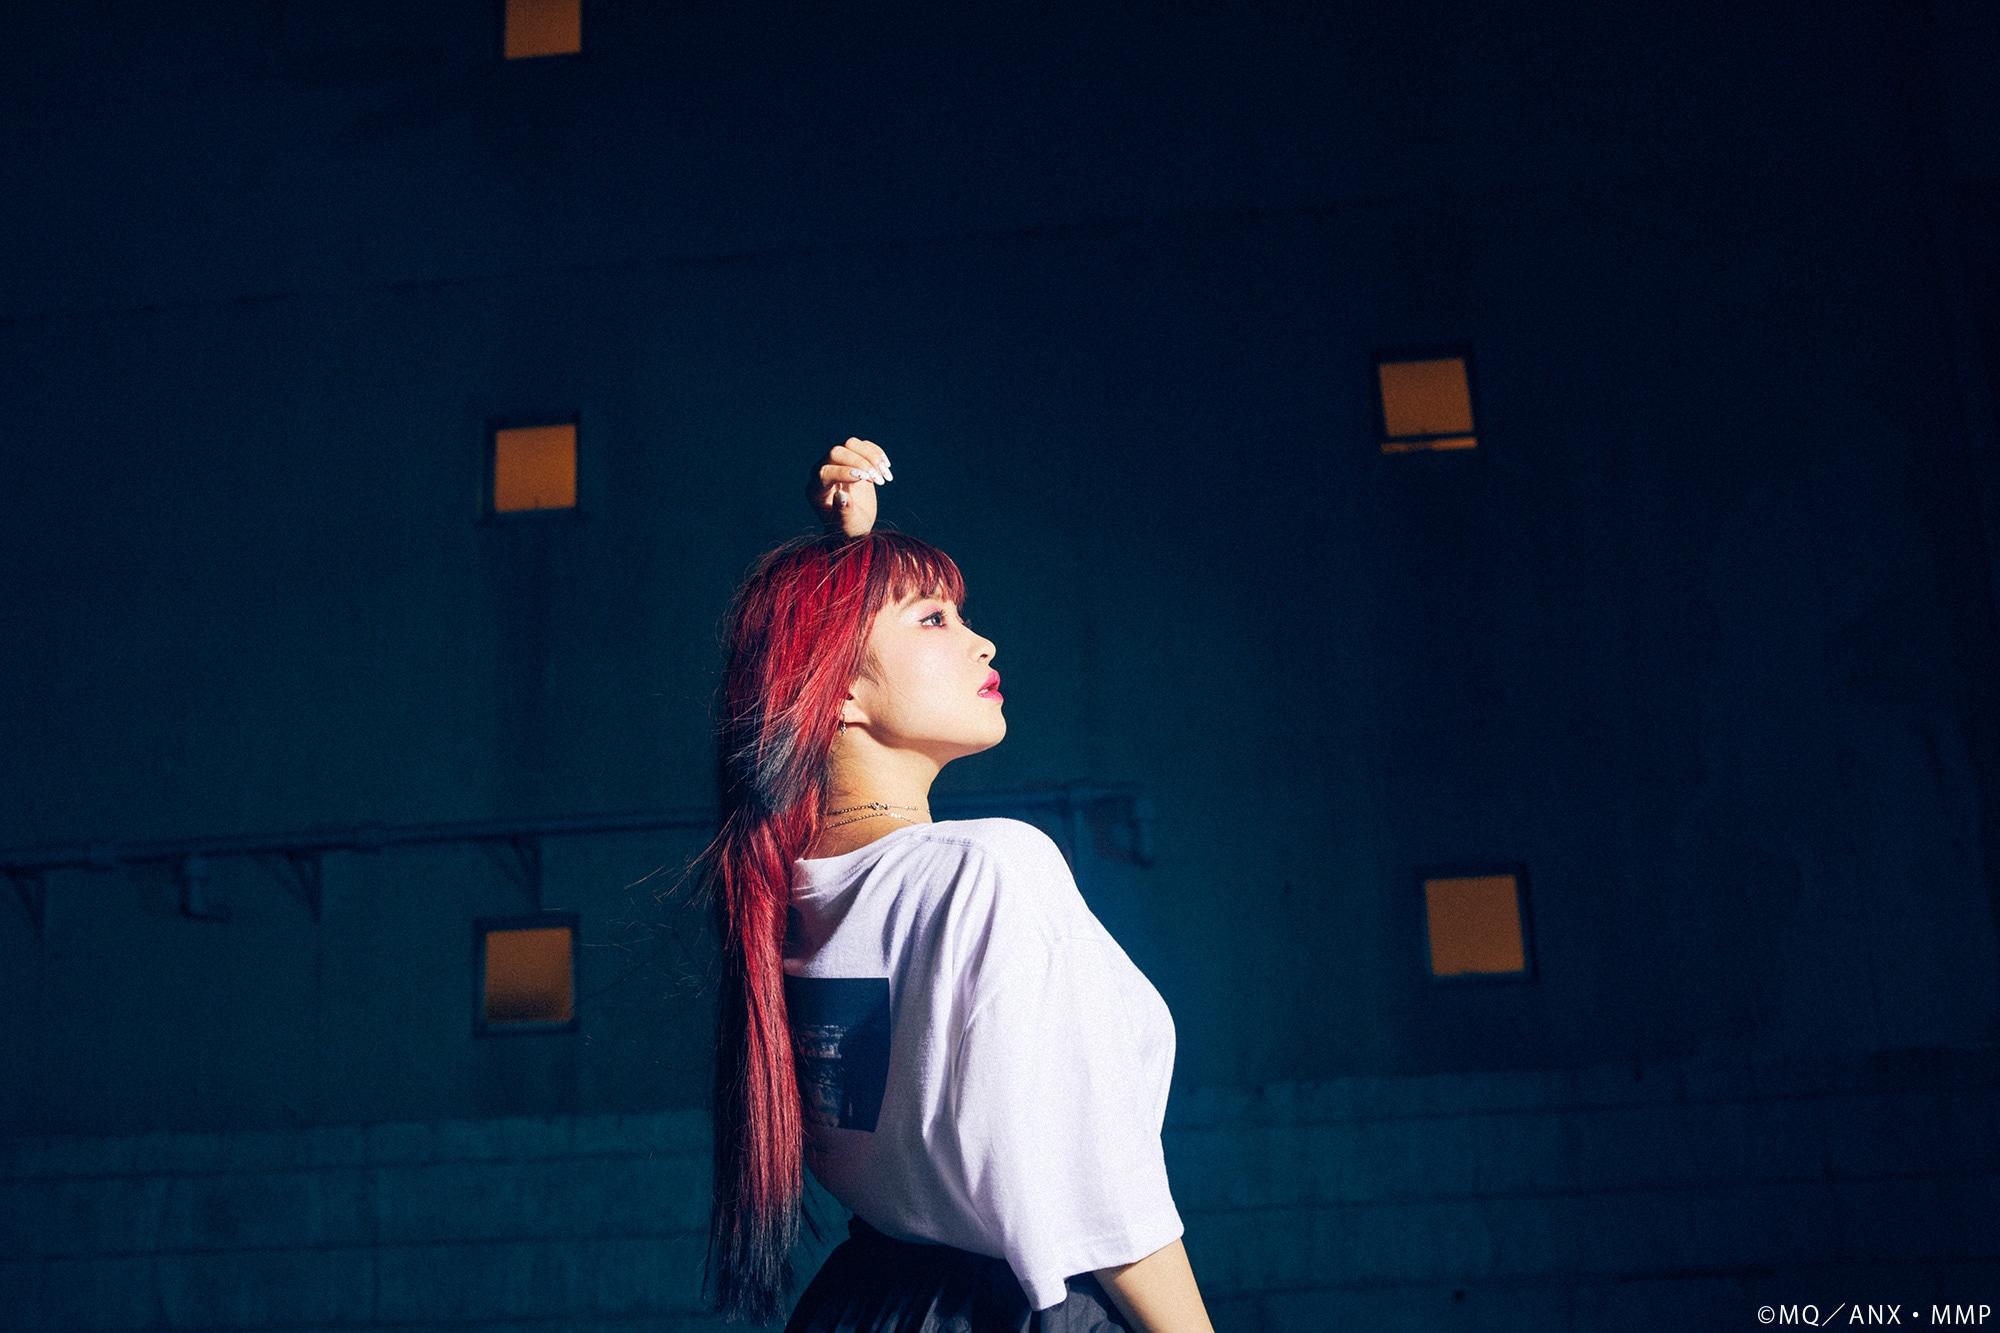 劇場版 魔法少女まどか☆マギカ HOMURA TEE